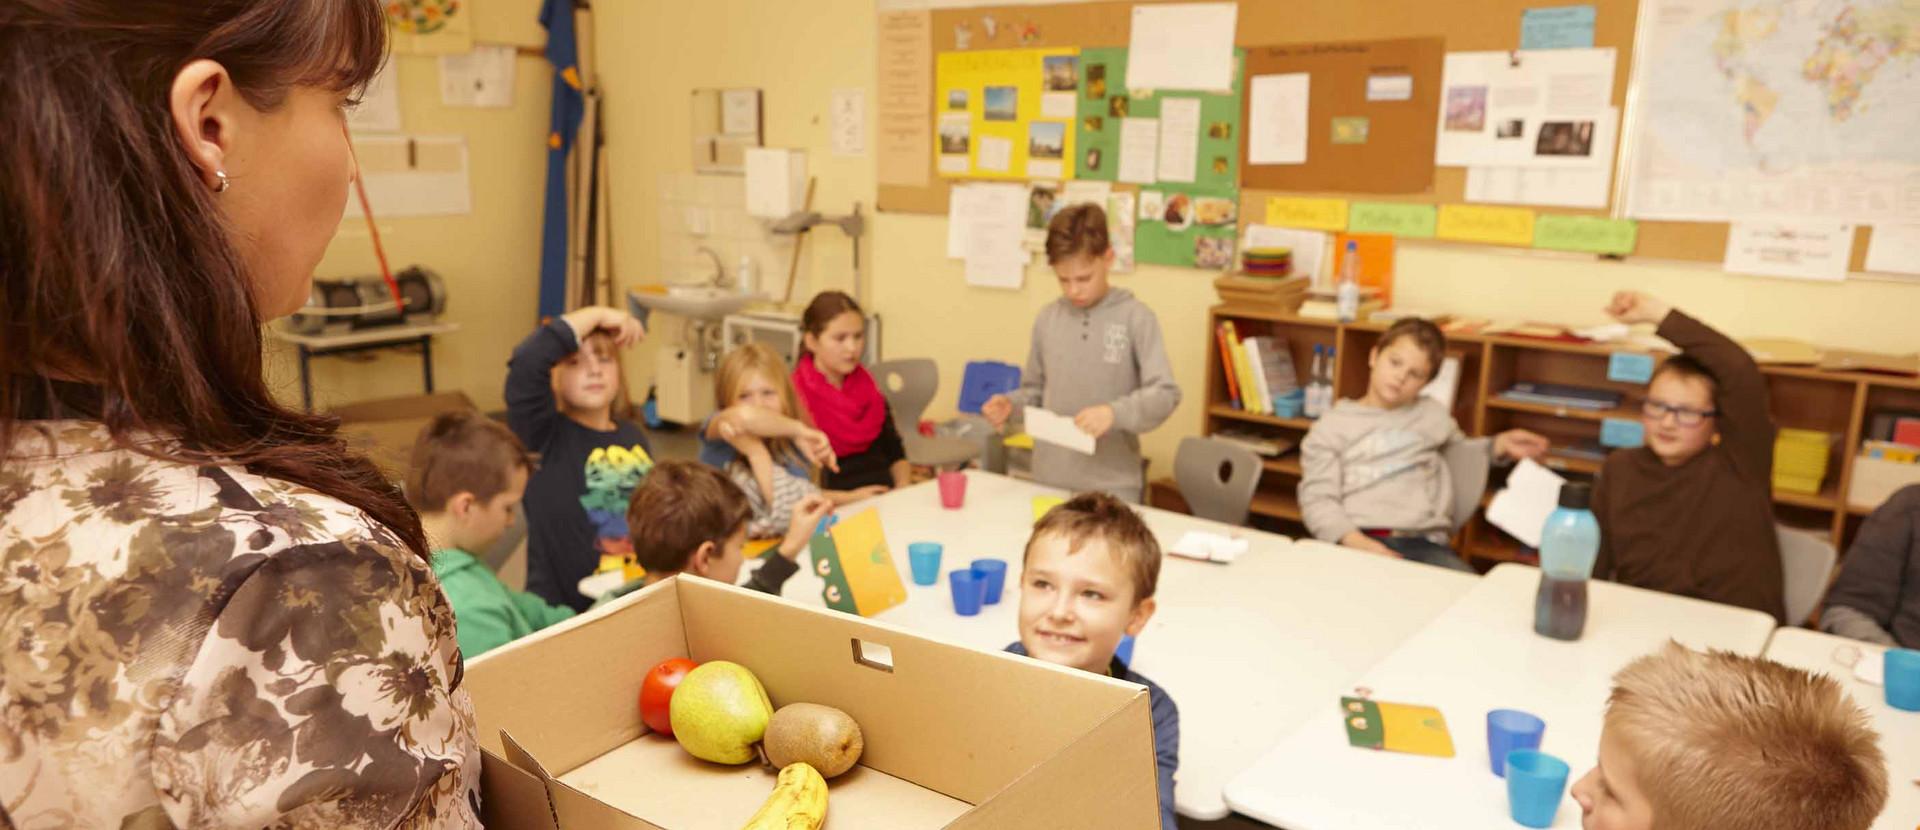 Frau steht mit Karton mit Obst in einem Klassenraum mit Schülern